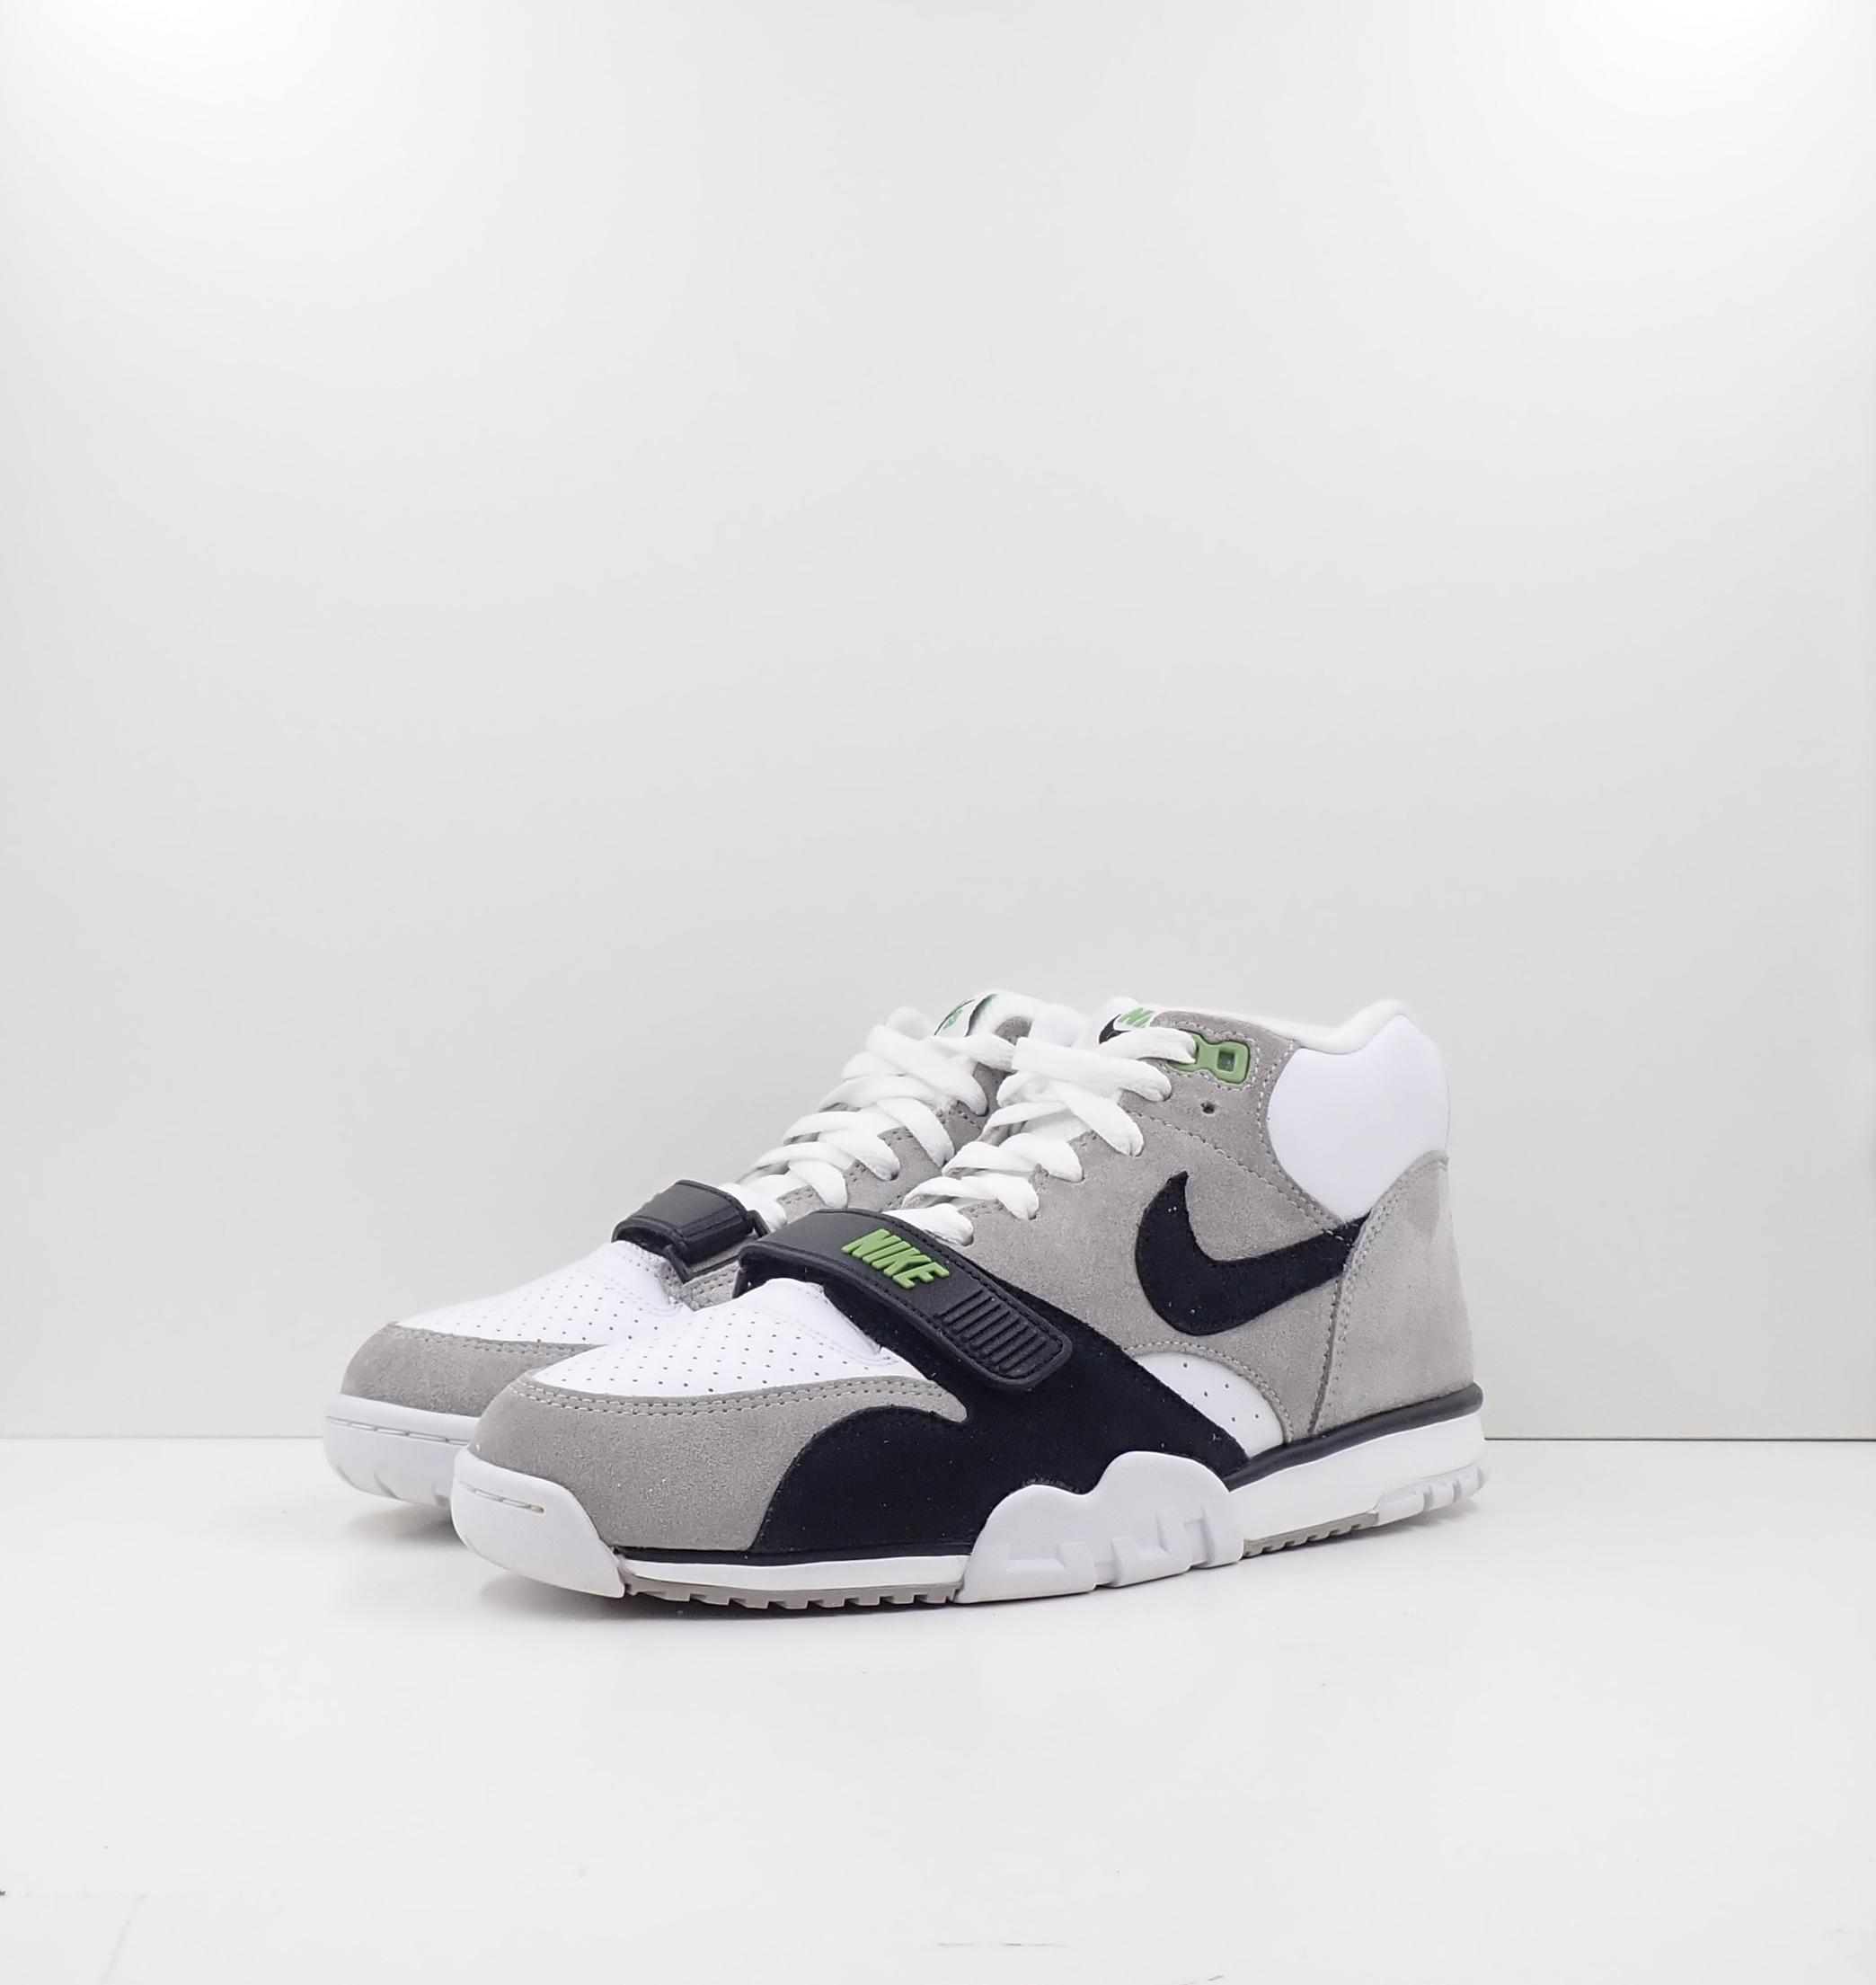 Nike SB Air Trainer 1 Chlorophyll (2020)